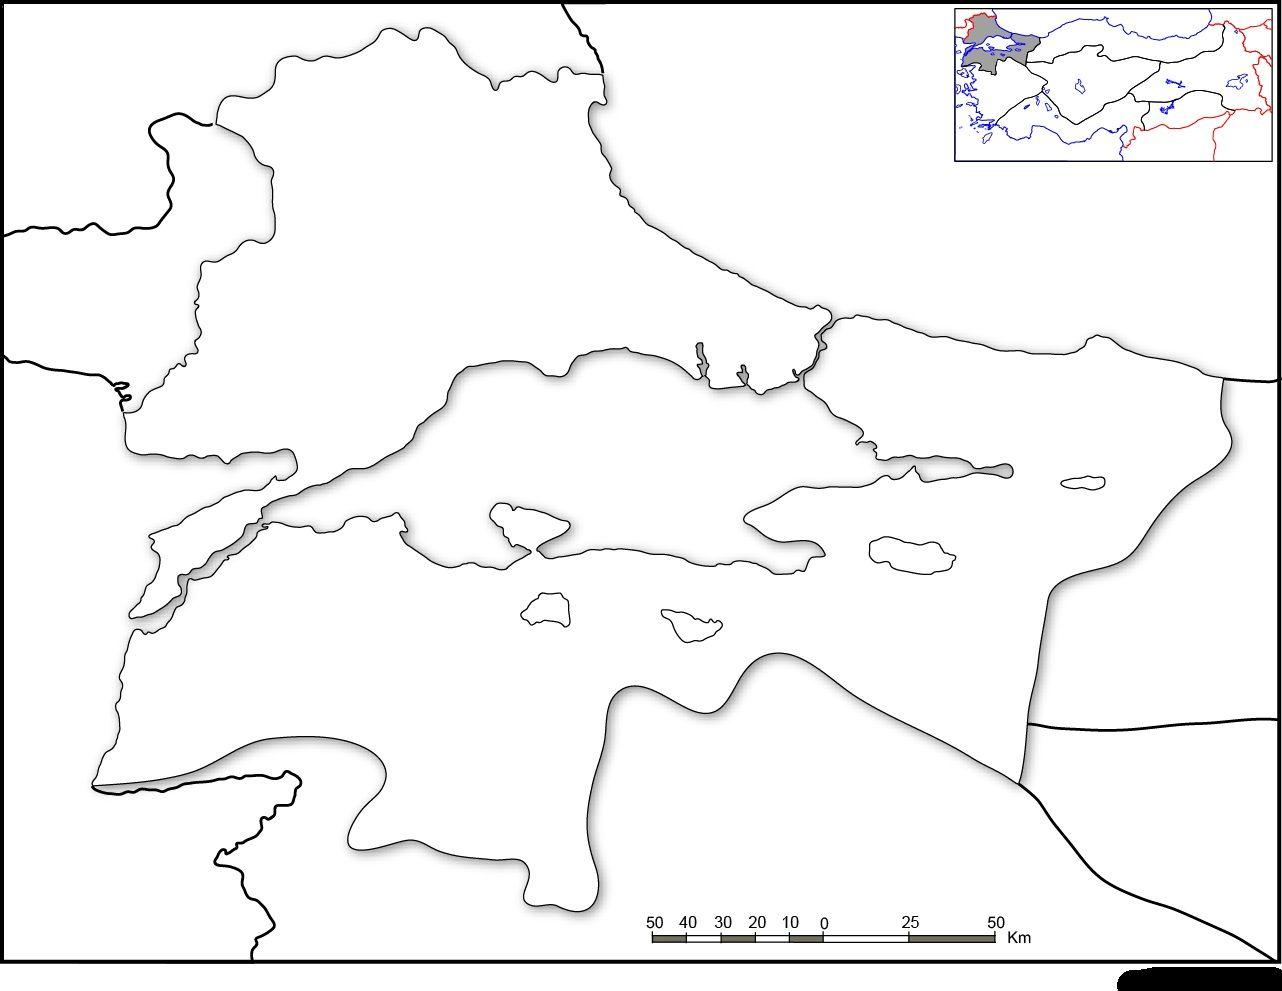 Türkiye Dilsiz Haritaları Türkiye Dilsiz Haritaları Türkiye Dilsiz